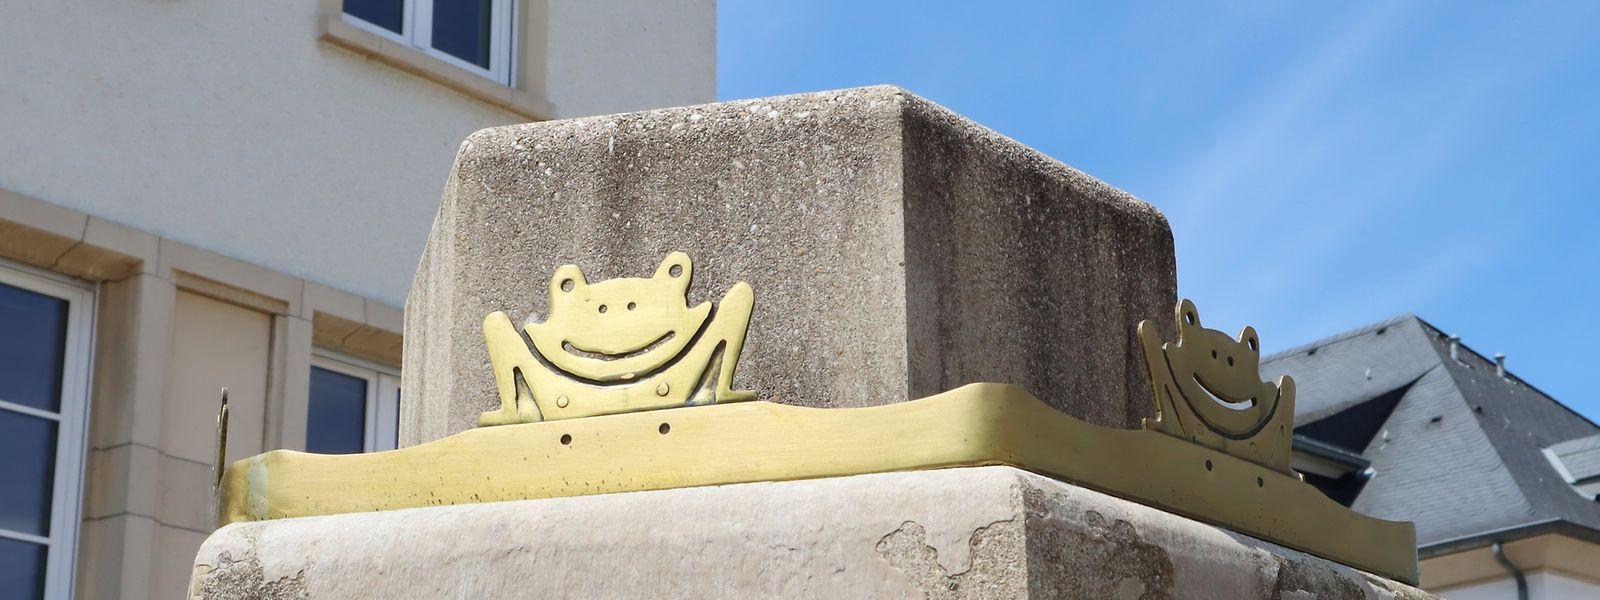 Der Frosch gehört zu Bettendorf wie der Esel zu Diekirch. Den Brunnen zierten ursprünglich zwei Reihen mit Messingfröschen.